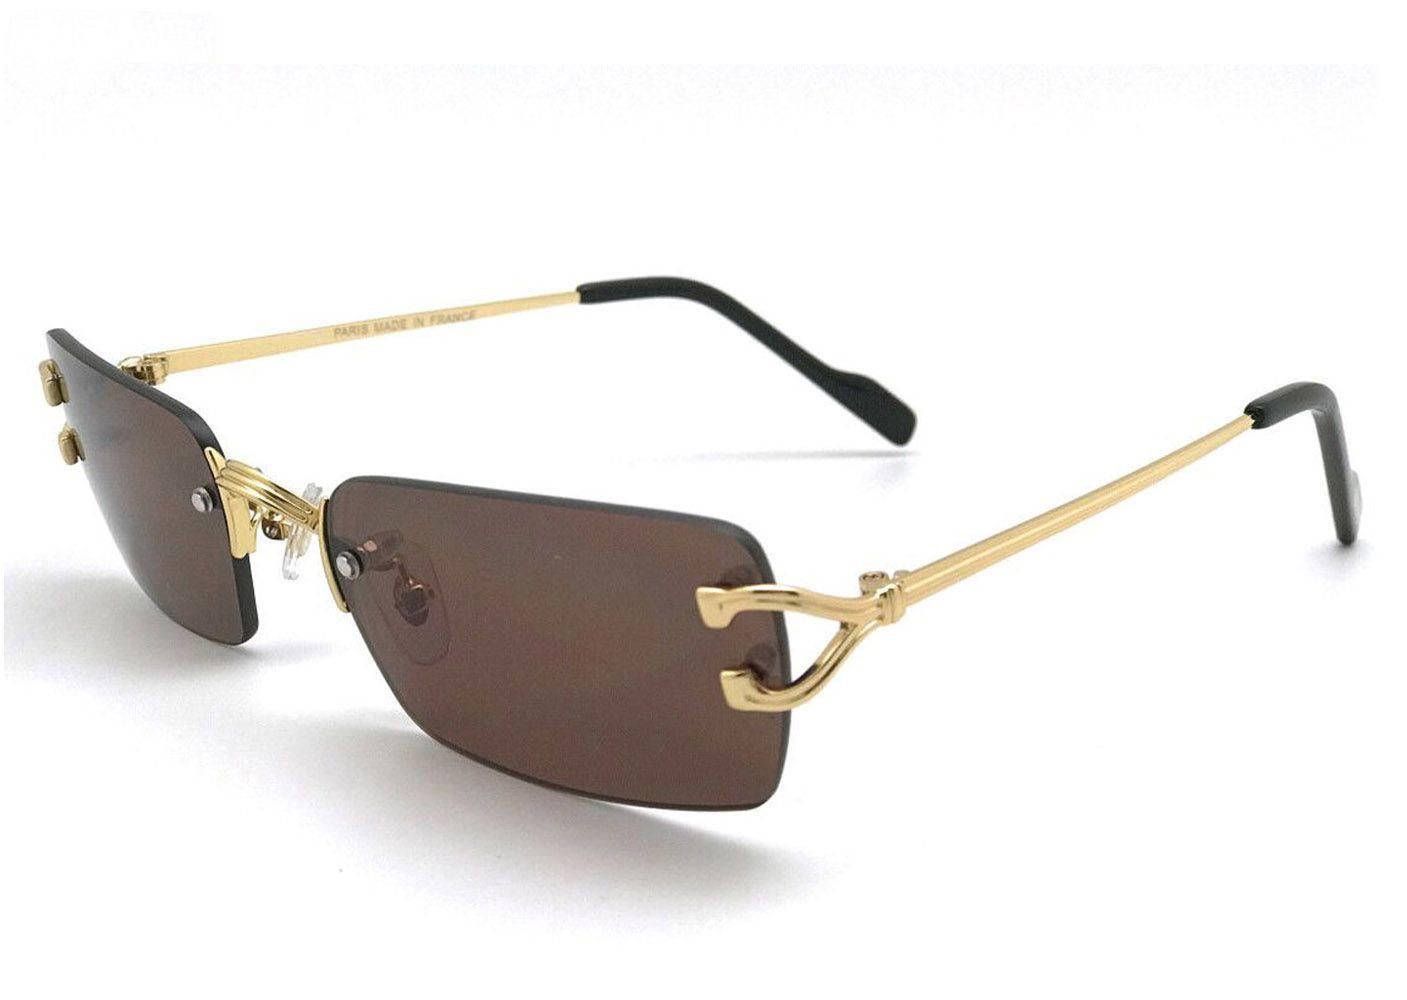 فرنسا آيترس النظارات الشمسية الذهبي الفضة سبيكة الساقين بدون شفة إطارات الأزياء الجاموس القرن نظارات واضح أسود براون عدسة للرجال النساء oculos دي سول